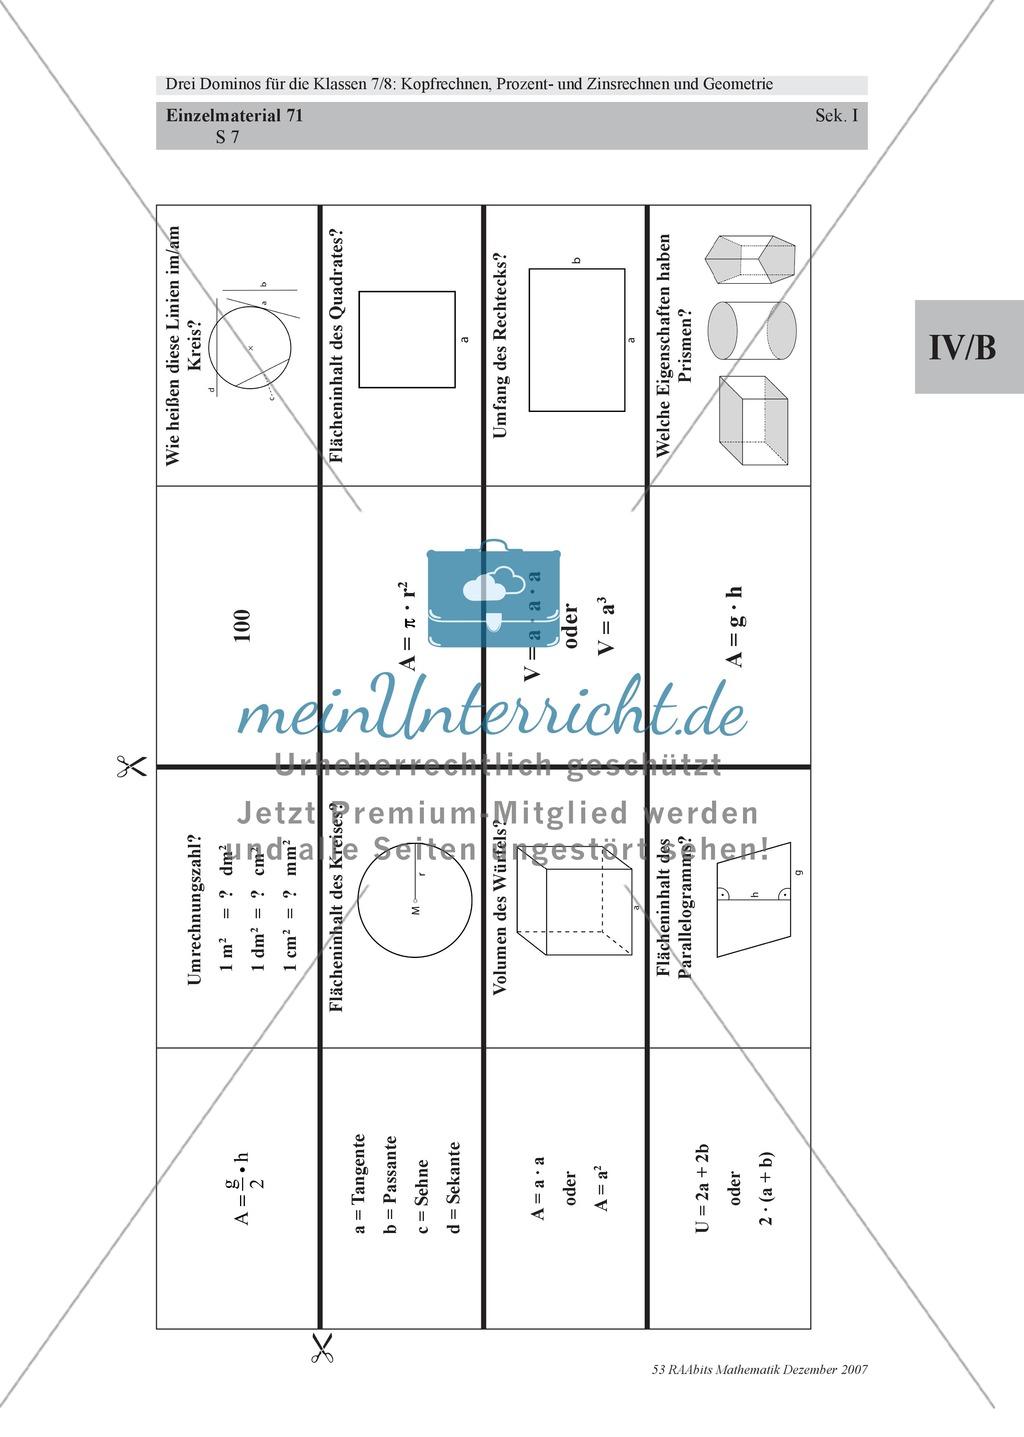 Mathematisches Domino zur Geometrie Preview 3